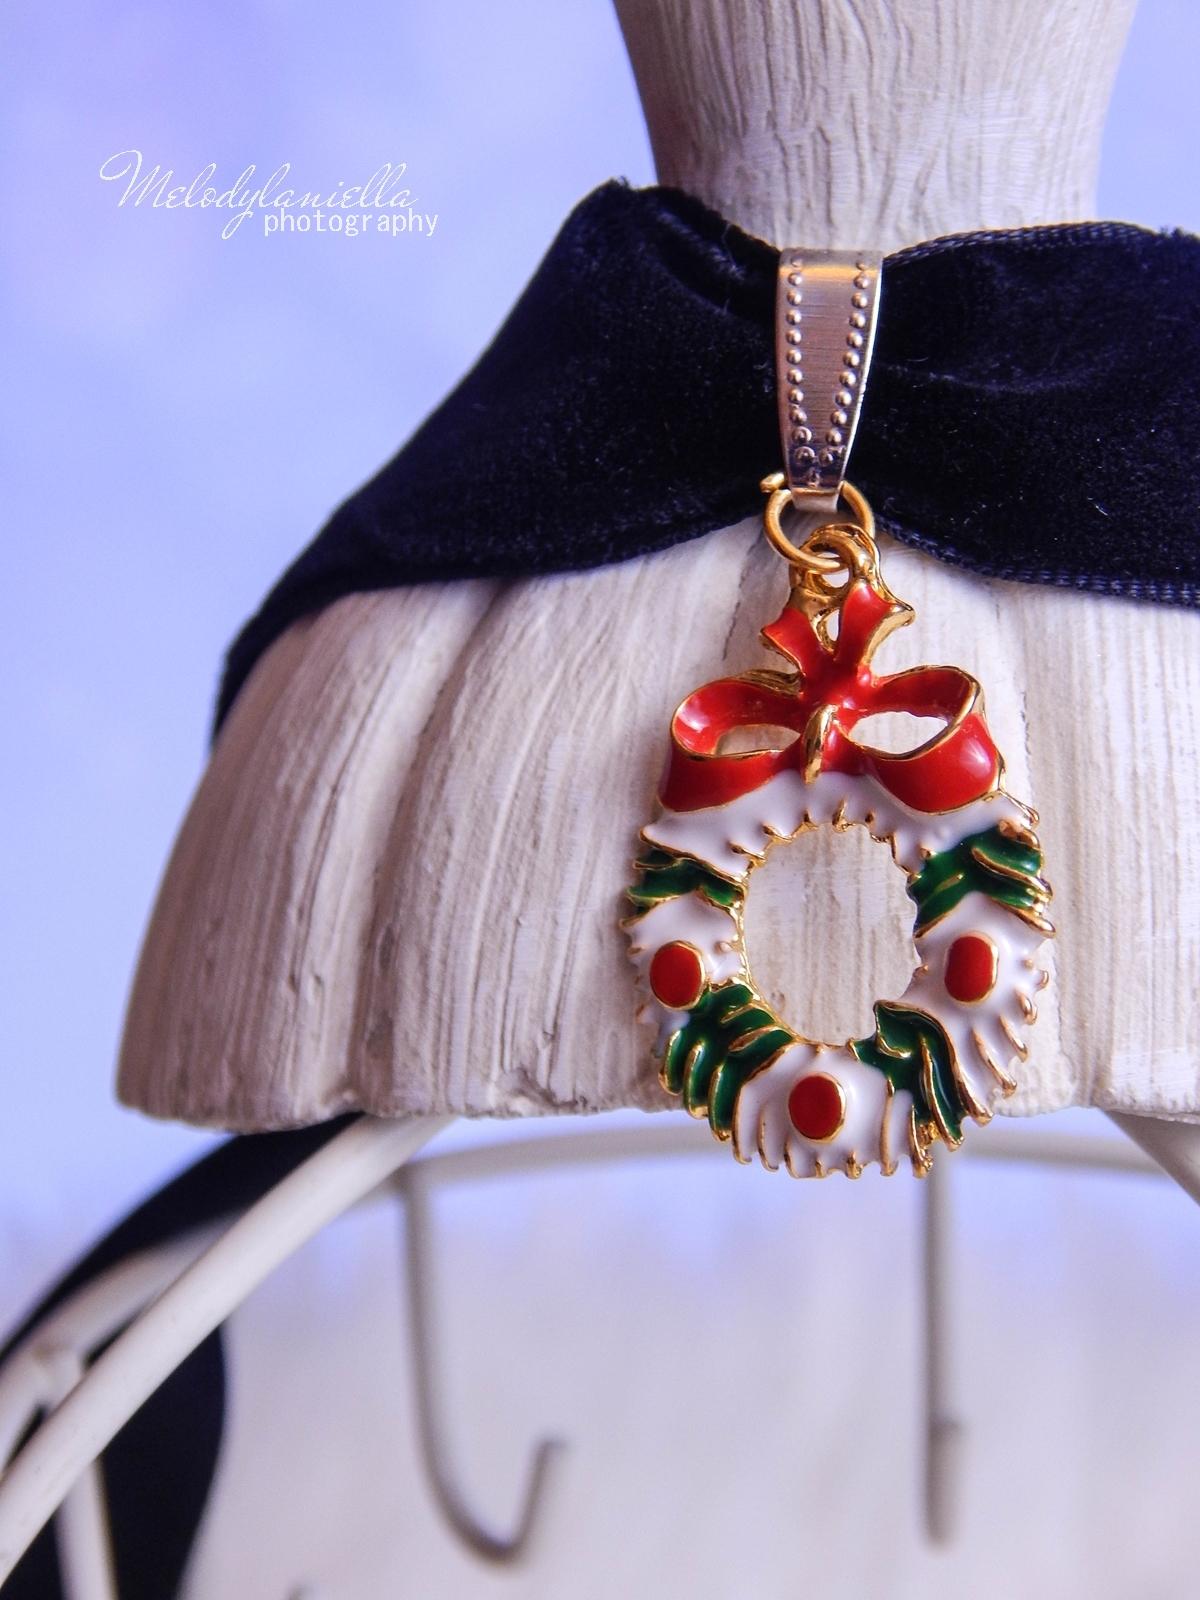 15 Biżuteria z chińskich sklepów sammydress kolczyk nausznica naszyjnik wisiorki z kryształkiem świąteczna biżuteria ciekawe dodatki stylowe zegarki pióra choker chokery złoty srebrny złoto srebro obelisk